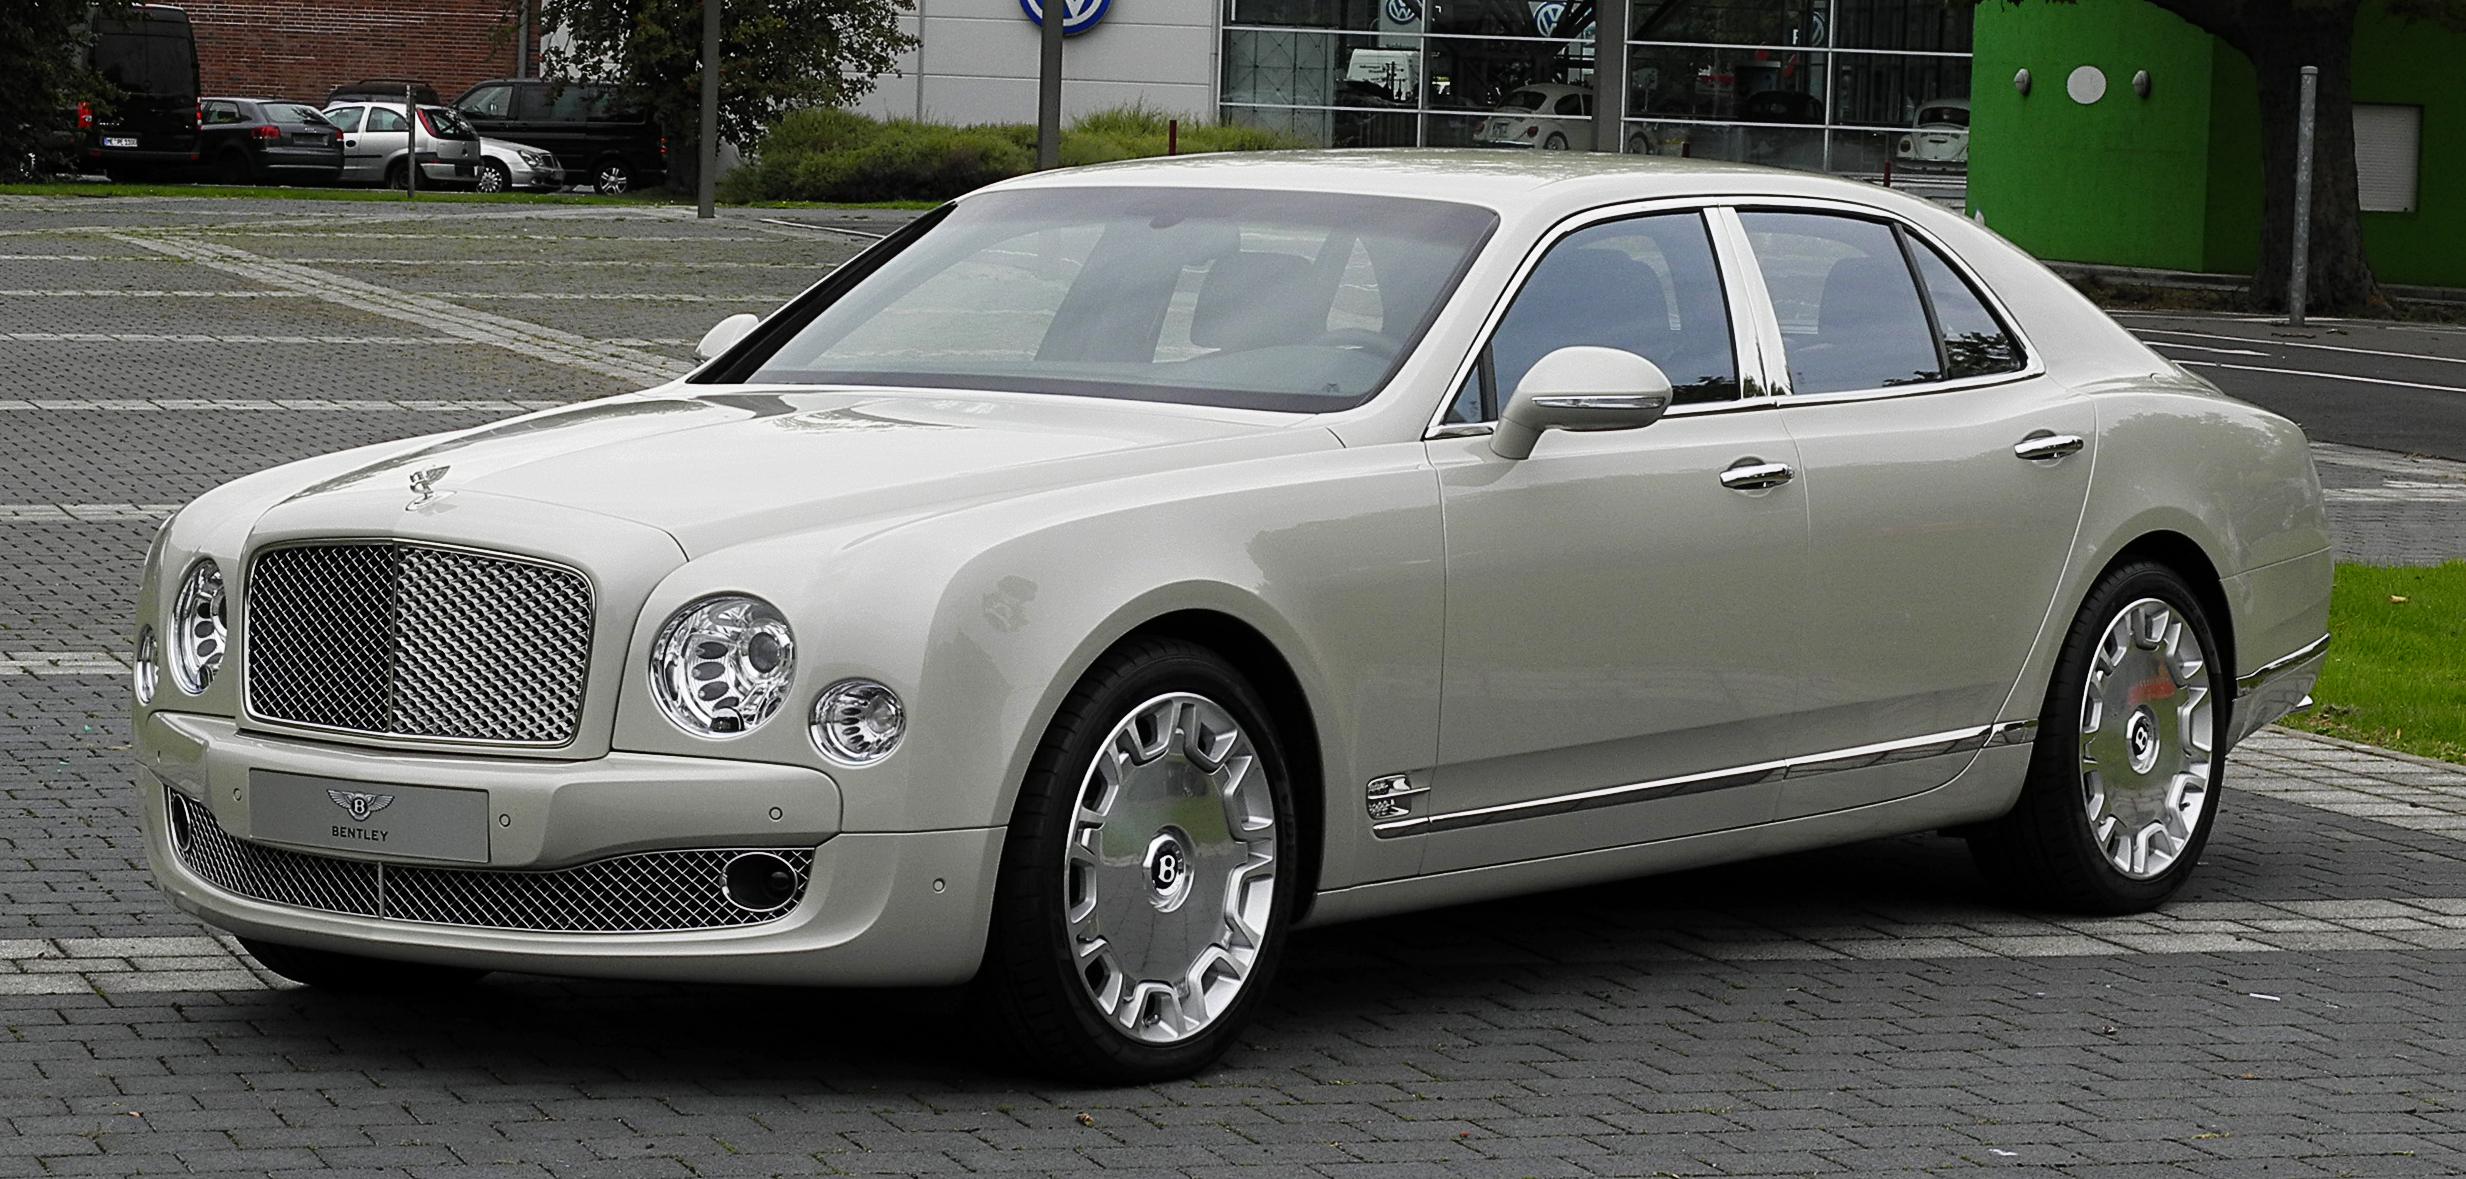 A Brief History Of The Bentley Symbol